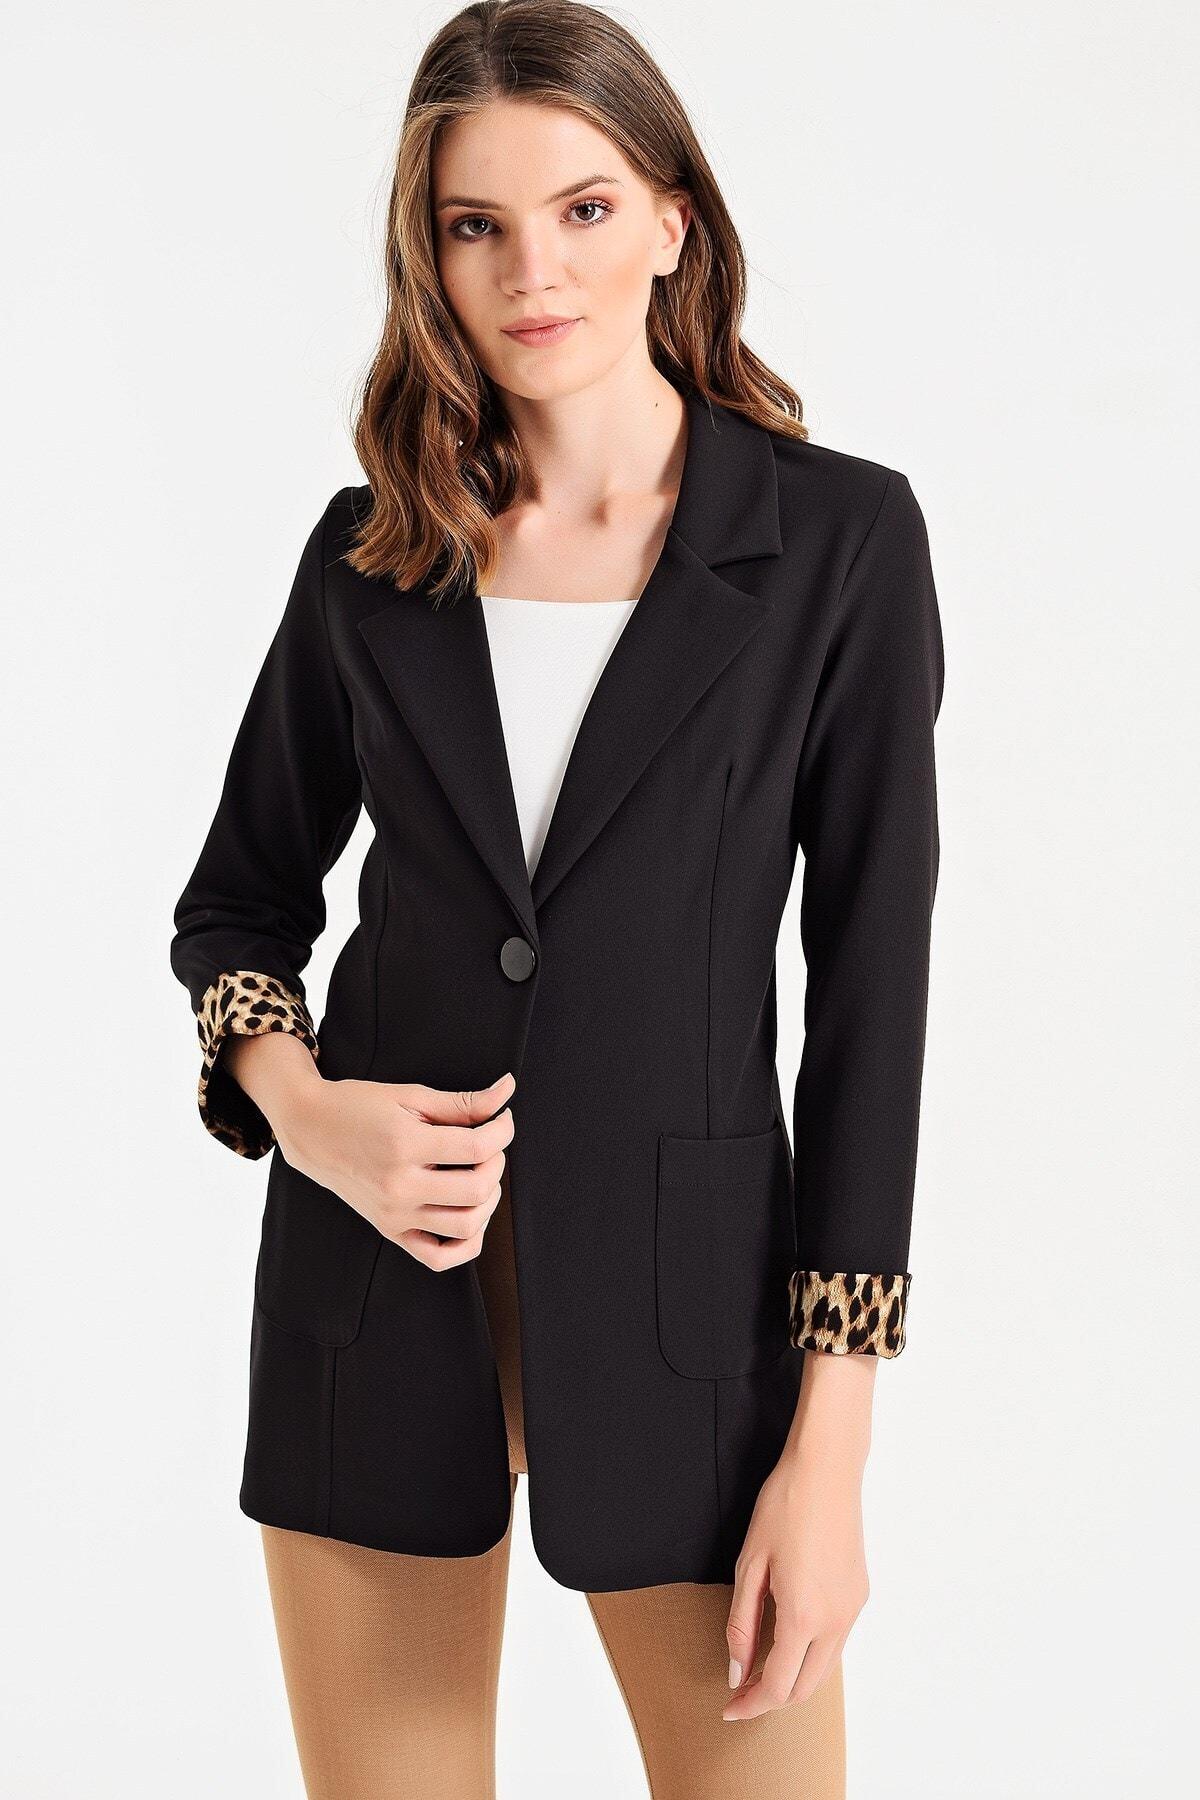 Jument Kadın Siyah Yakalı Cepli Uzun Kol Katlamalı Ceket 37000 1